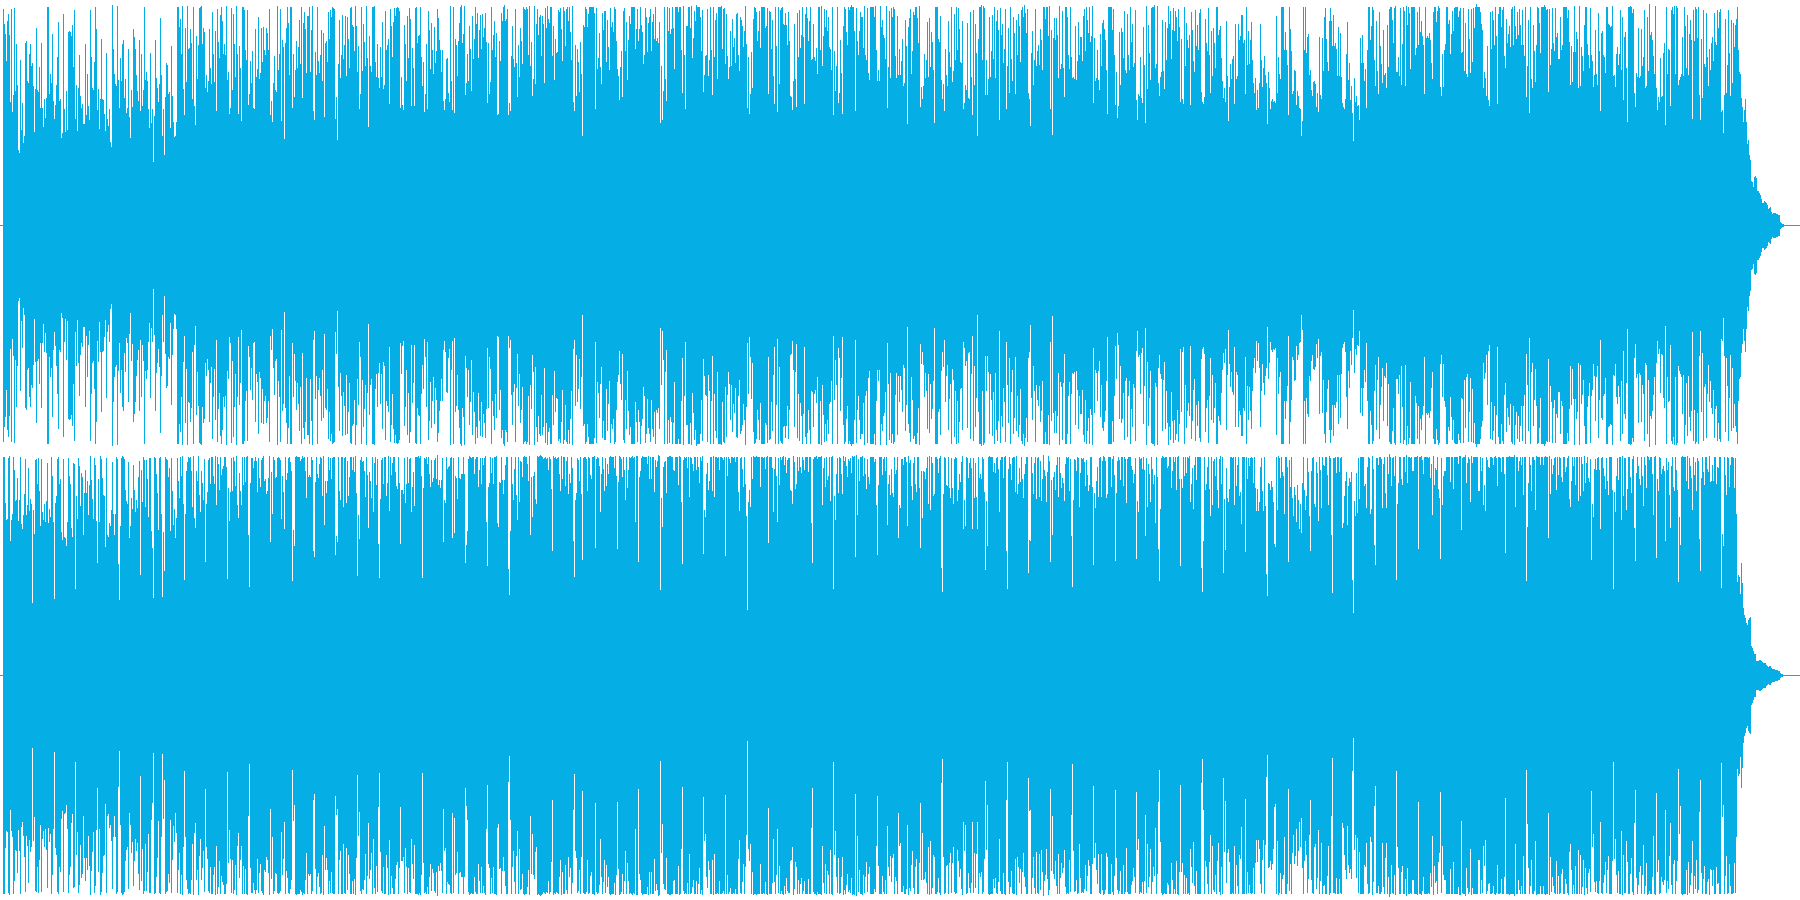 ギターがさわやかなBGMの再生済みの波形